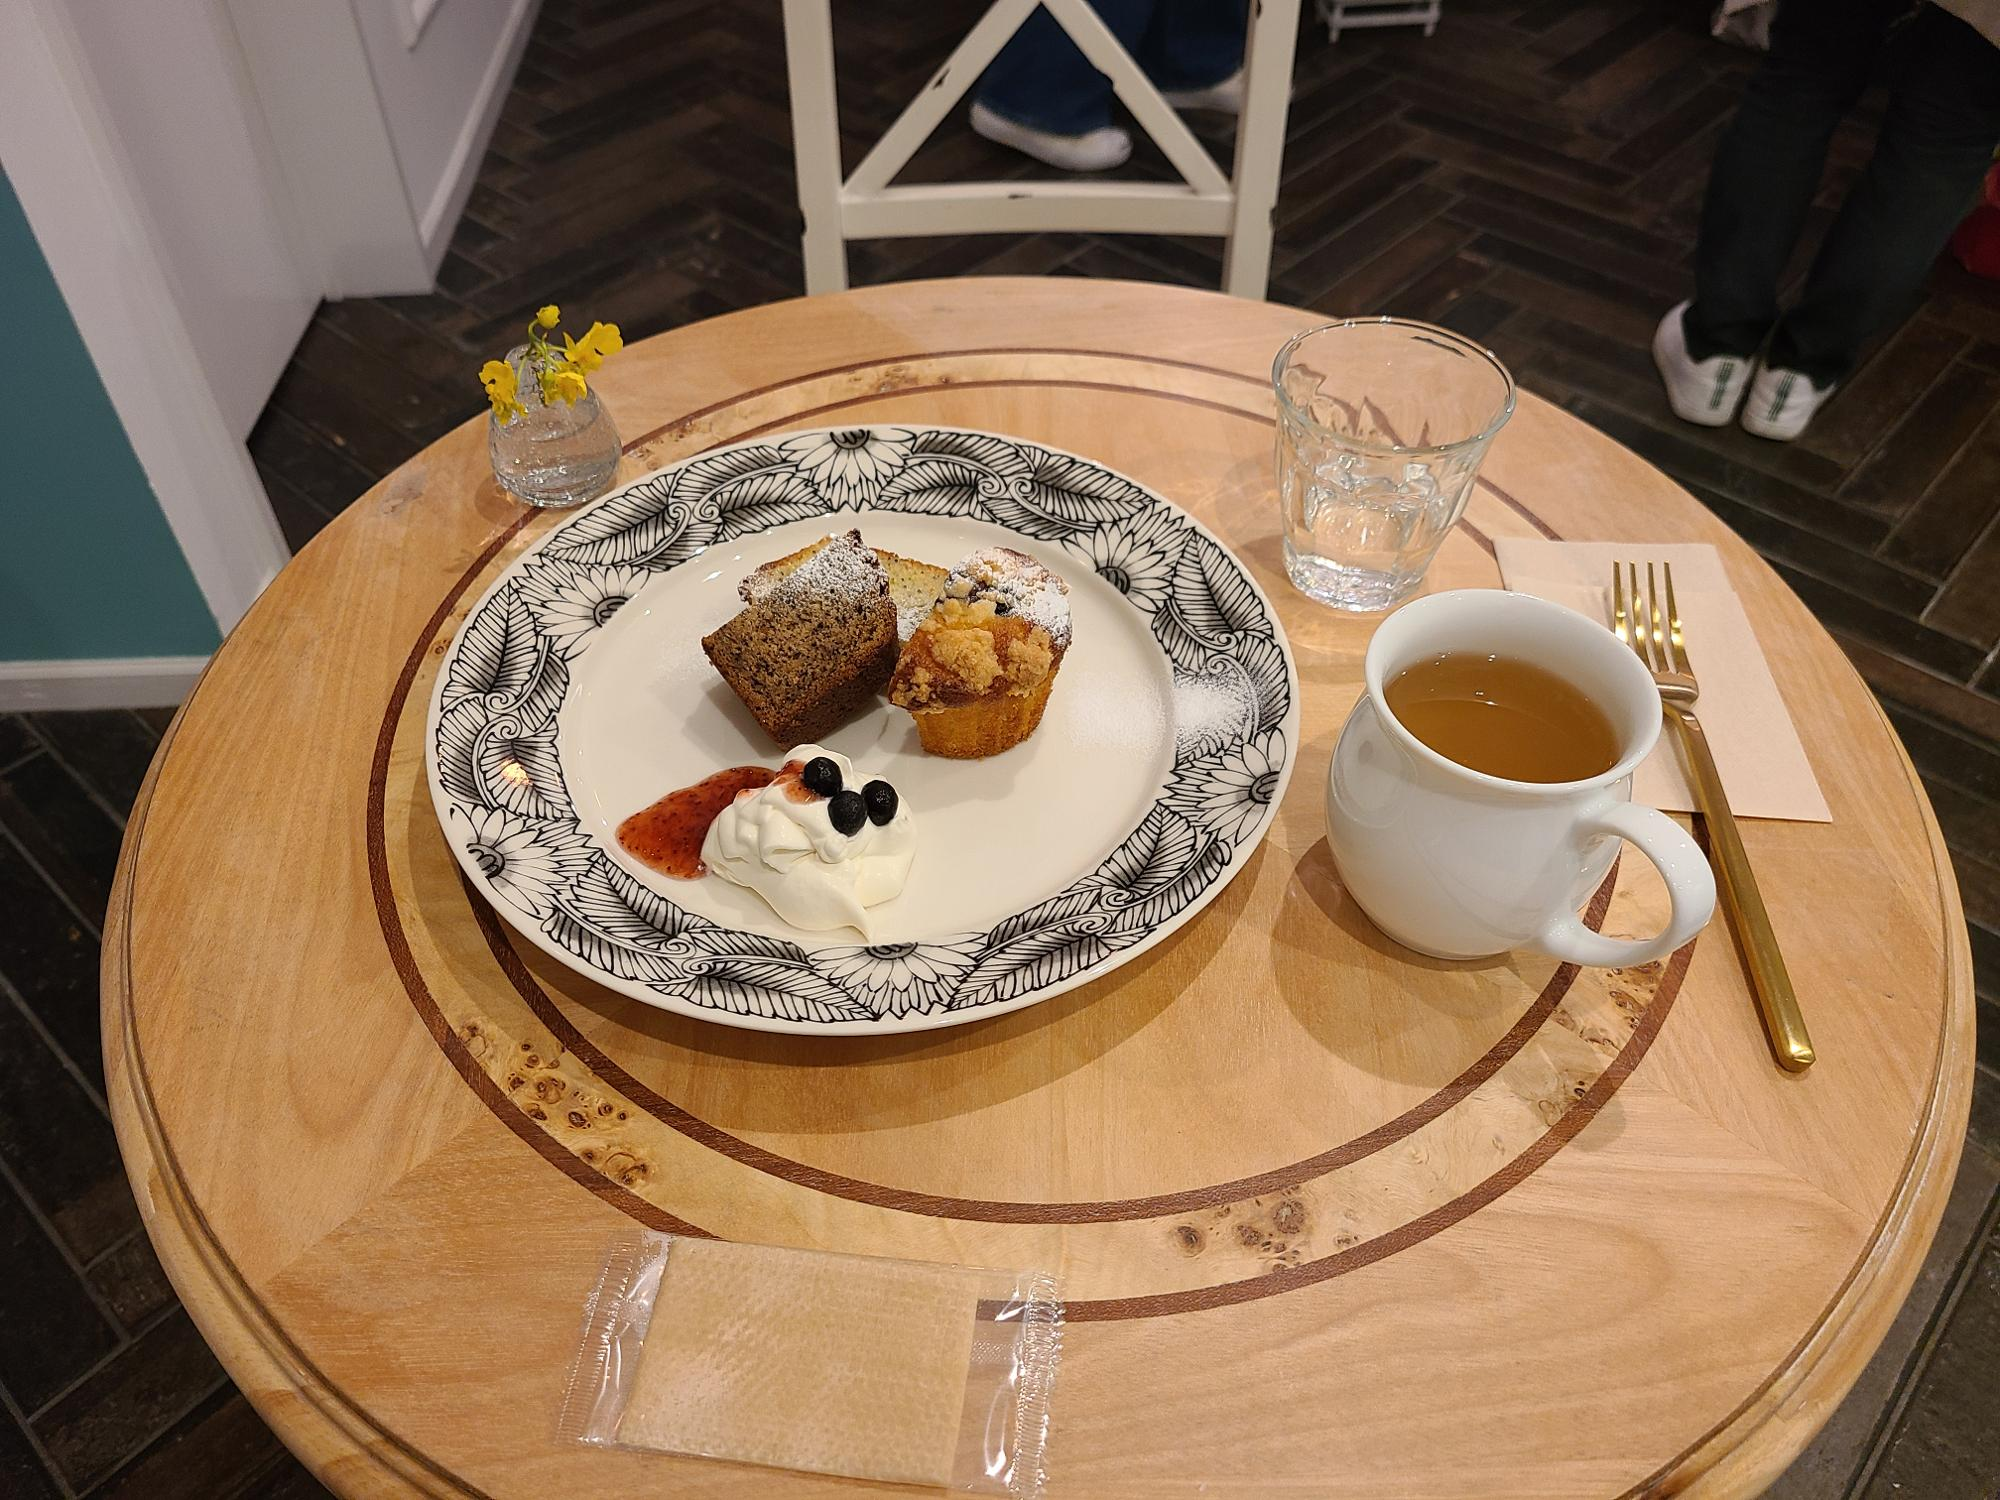 ハーブティーと合わせて、三品選べるセットで、ブルーベリークランブルマフィンと、レモンとポピーシードのケーキ、ココナッツとキャロットケーキ